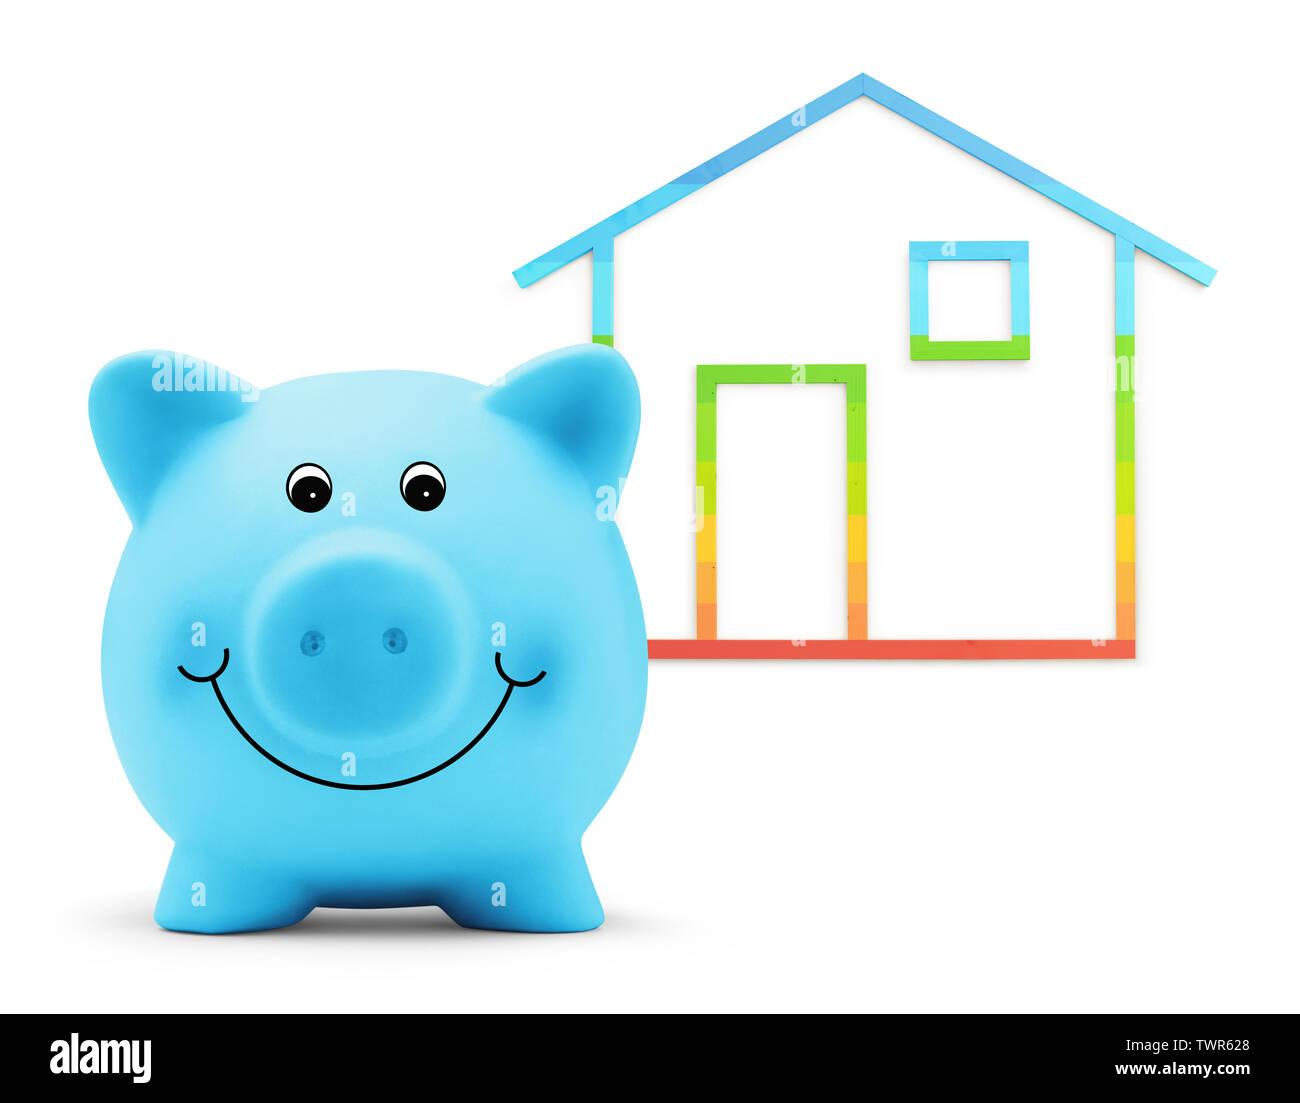 Sparschwein mit Haus Form auf weißem Hintergrund, Green Building und Energieeffizienz Konzept Stockbild